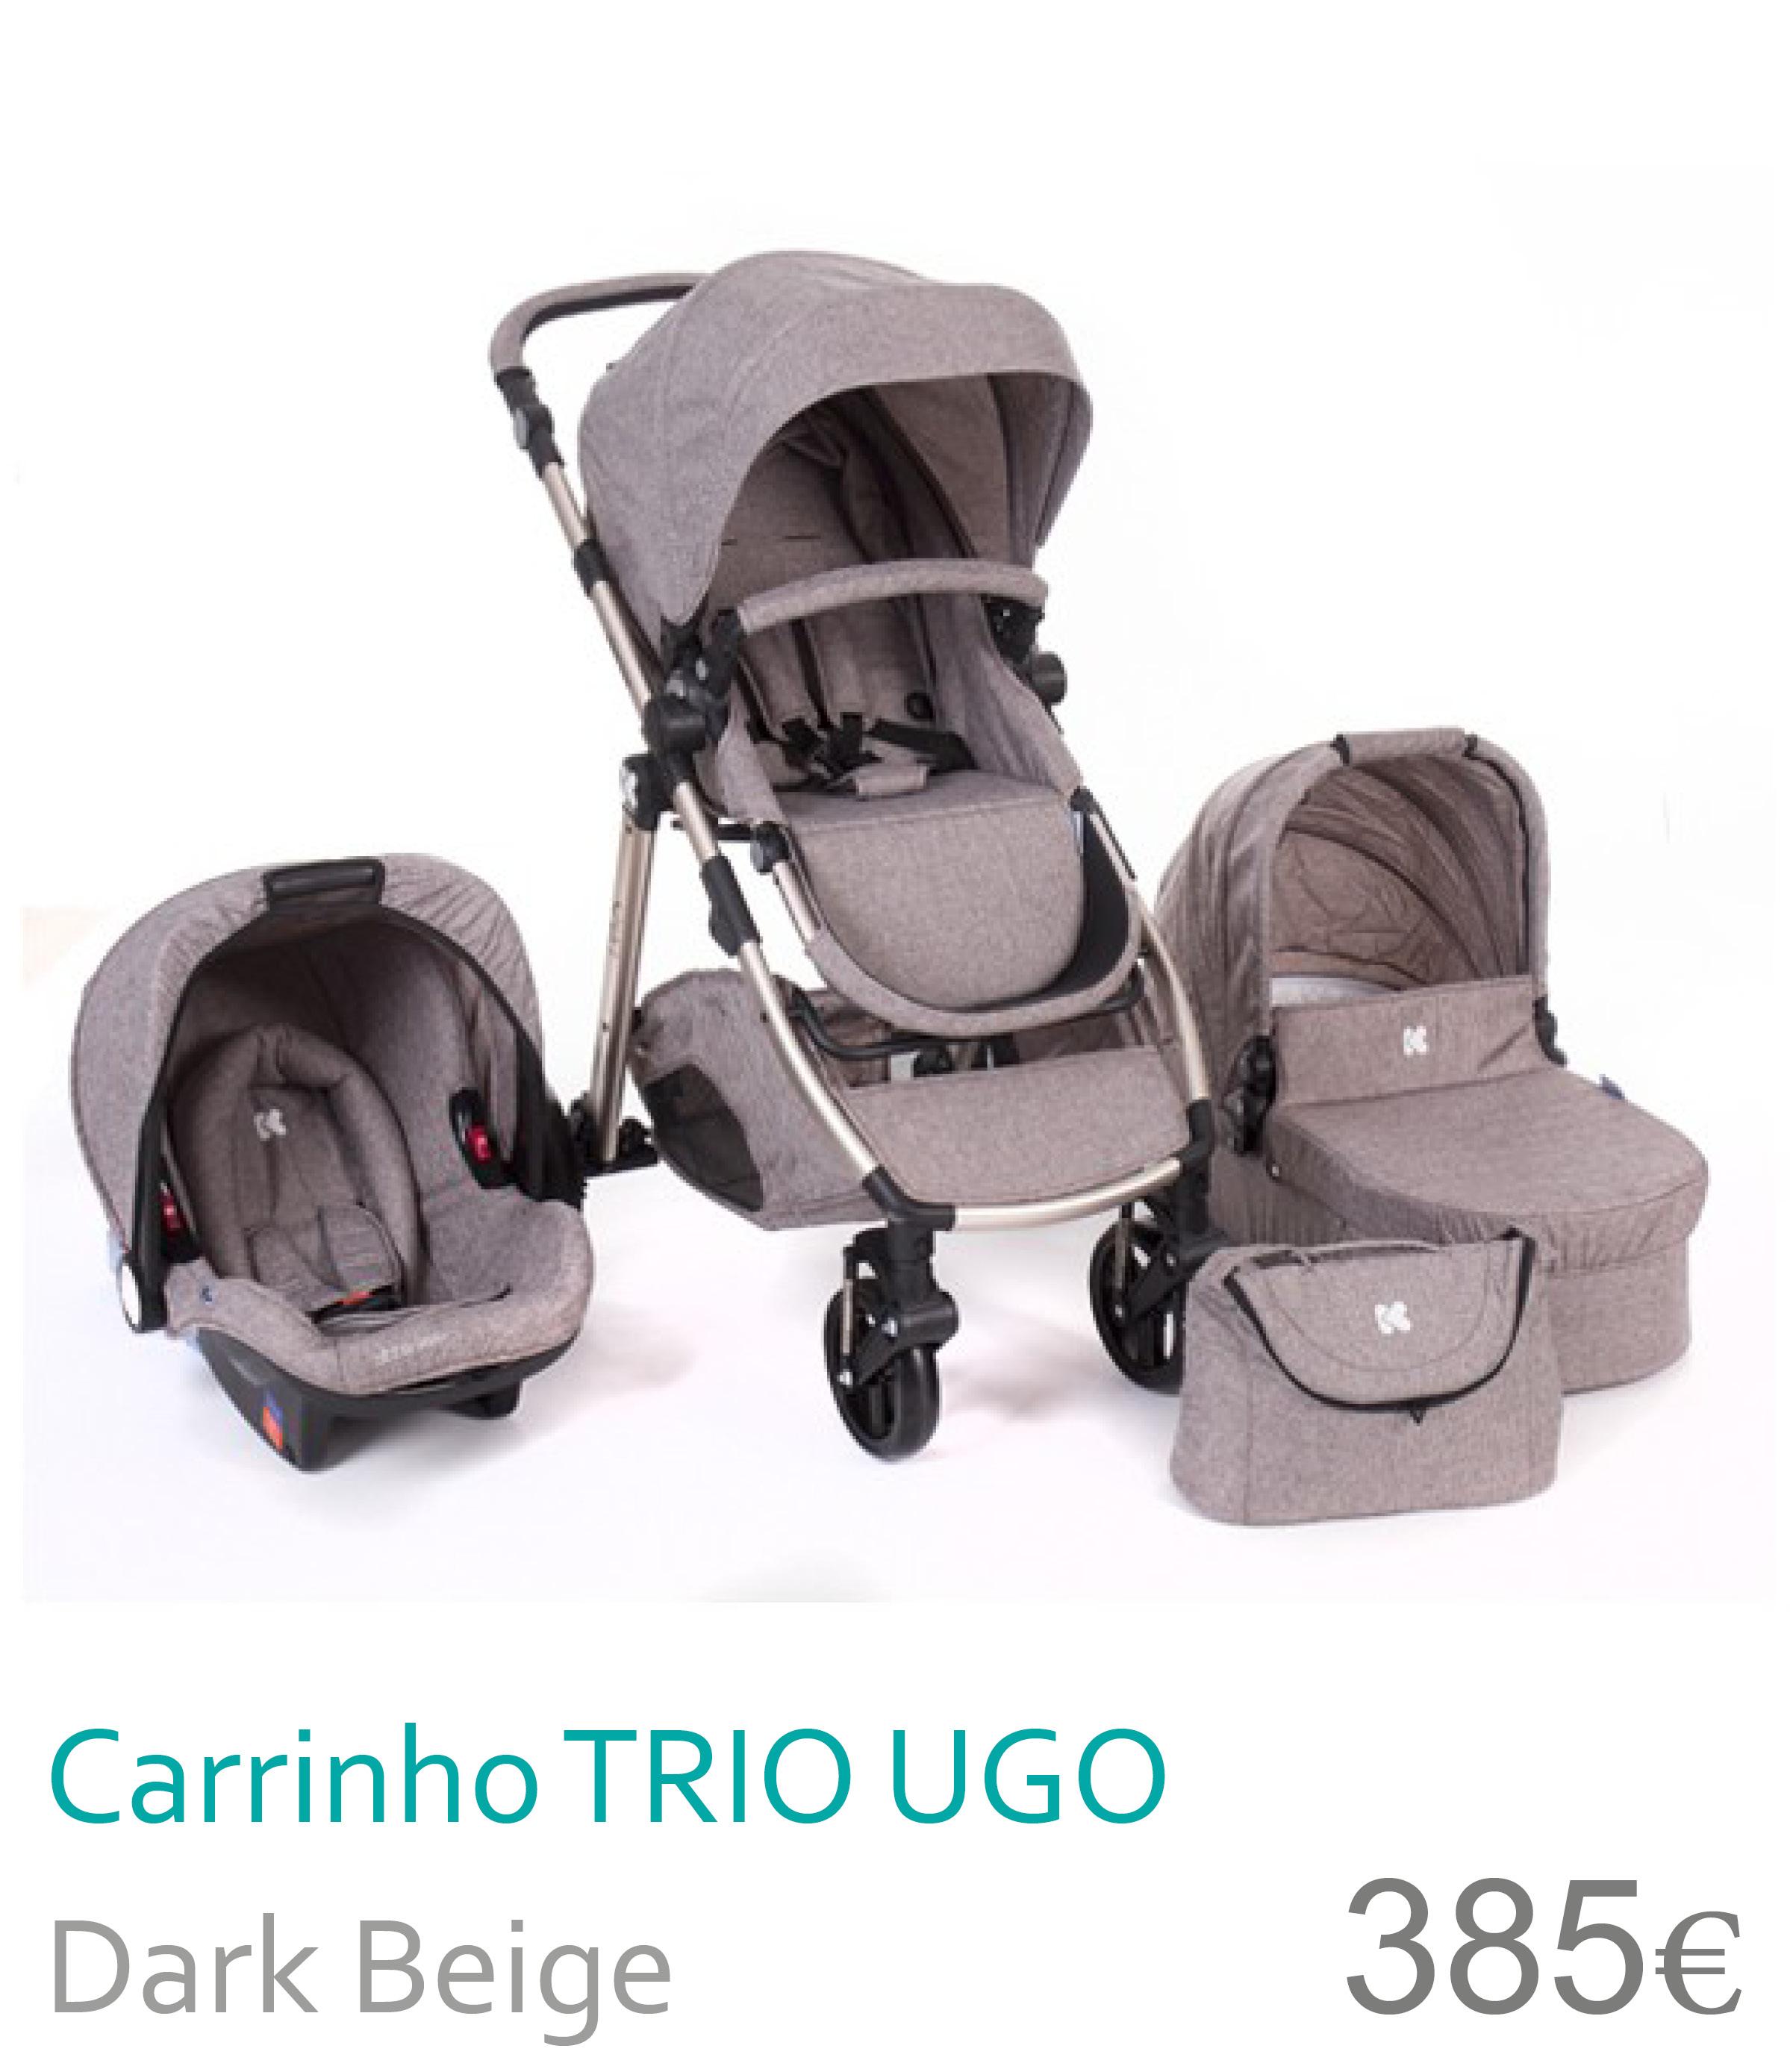 Carrinho trio UGO Dark Beige